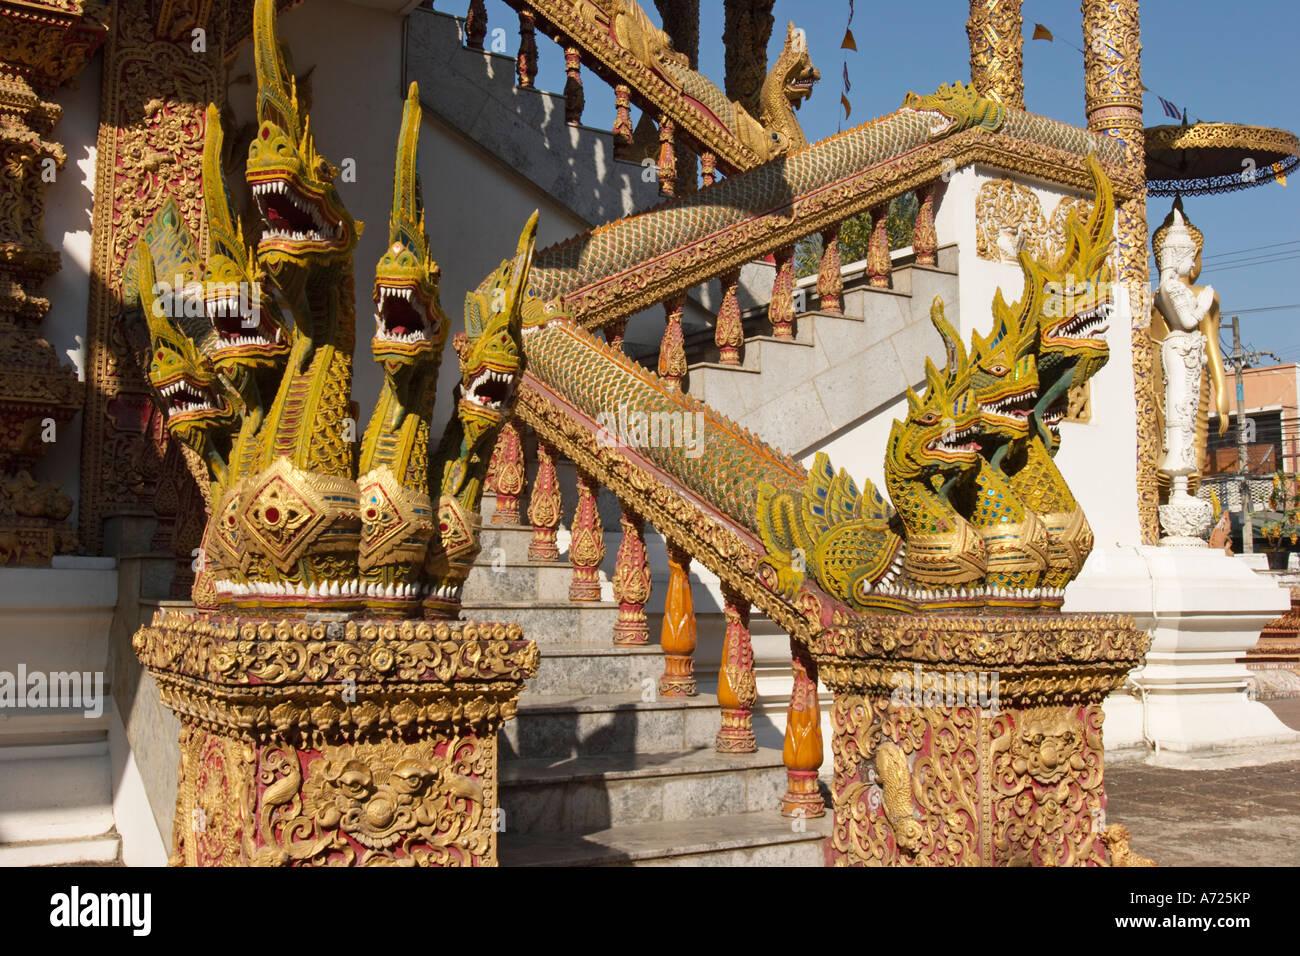 Naga staircase. Wat Bupparam, Chiang Mai, Thailand. Stock Photo